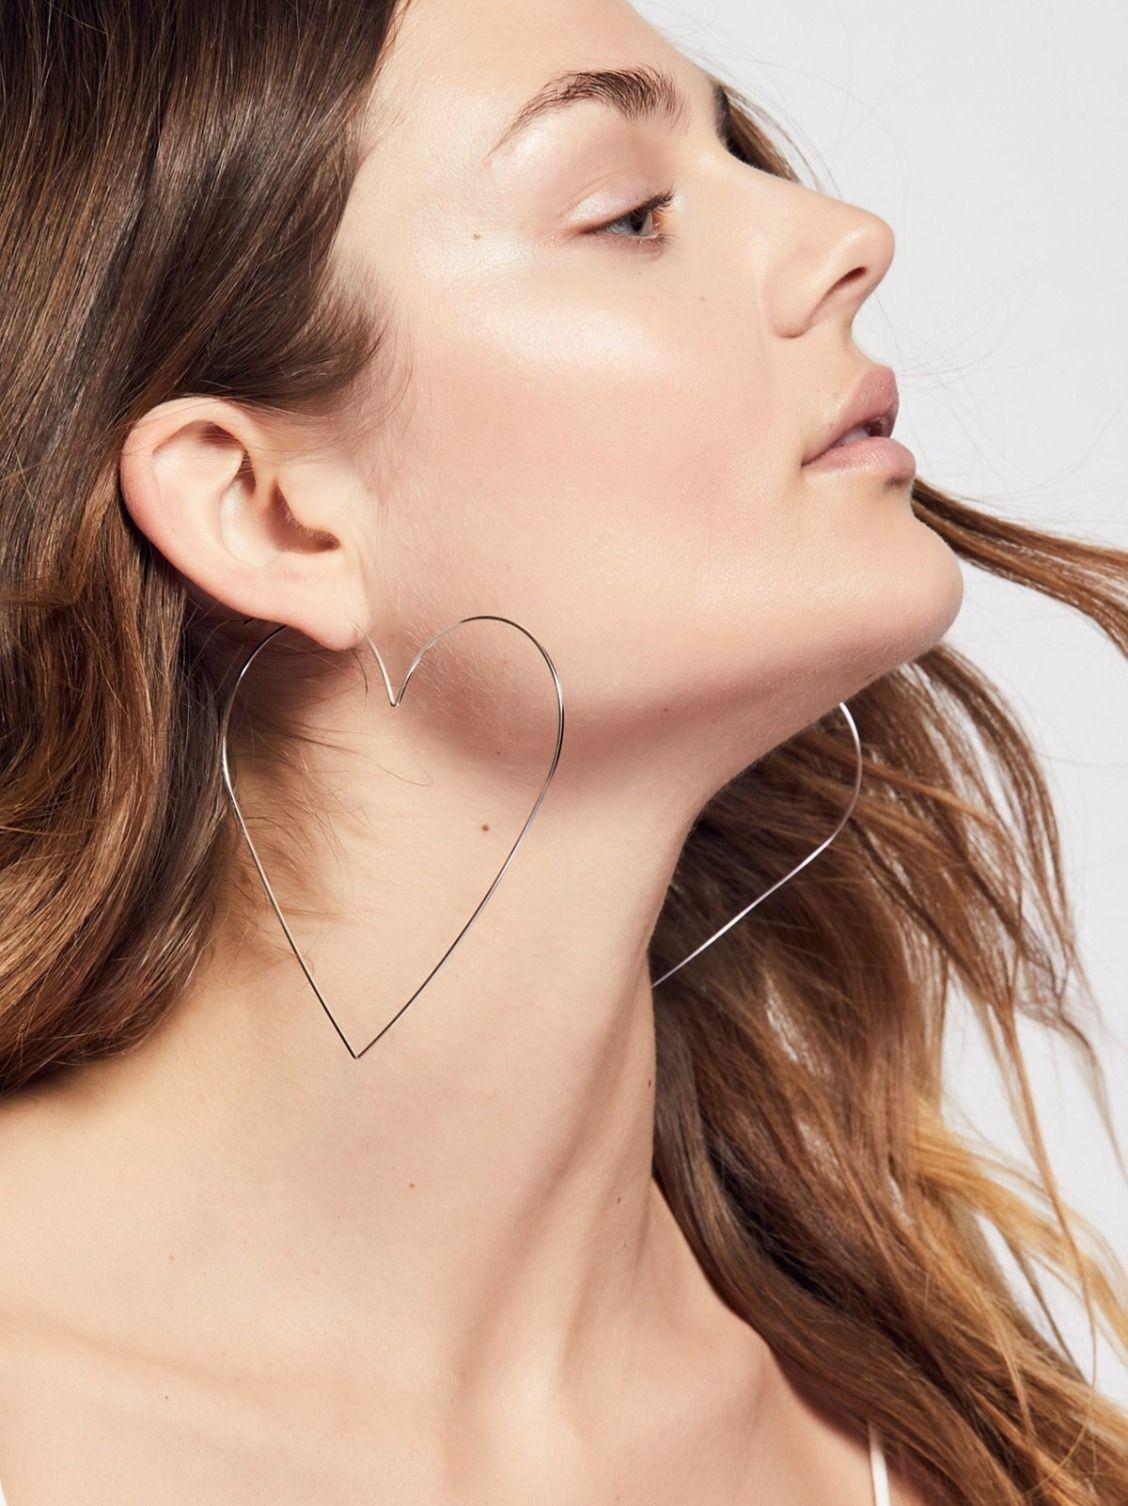 f7c40e7db6f68 Big Lovin' Hoops | Accessories | Jewelry, Earrings, Ear jewelry